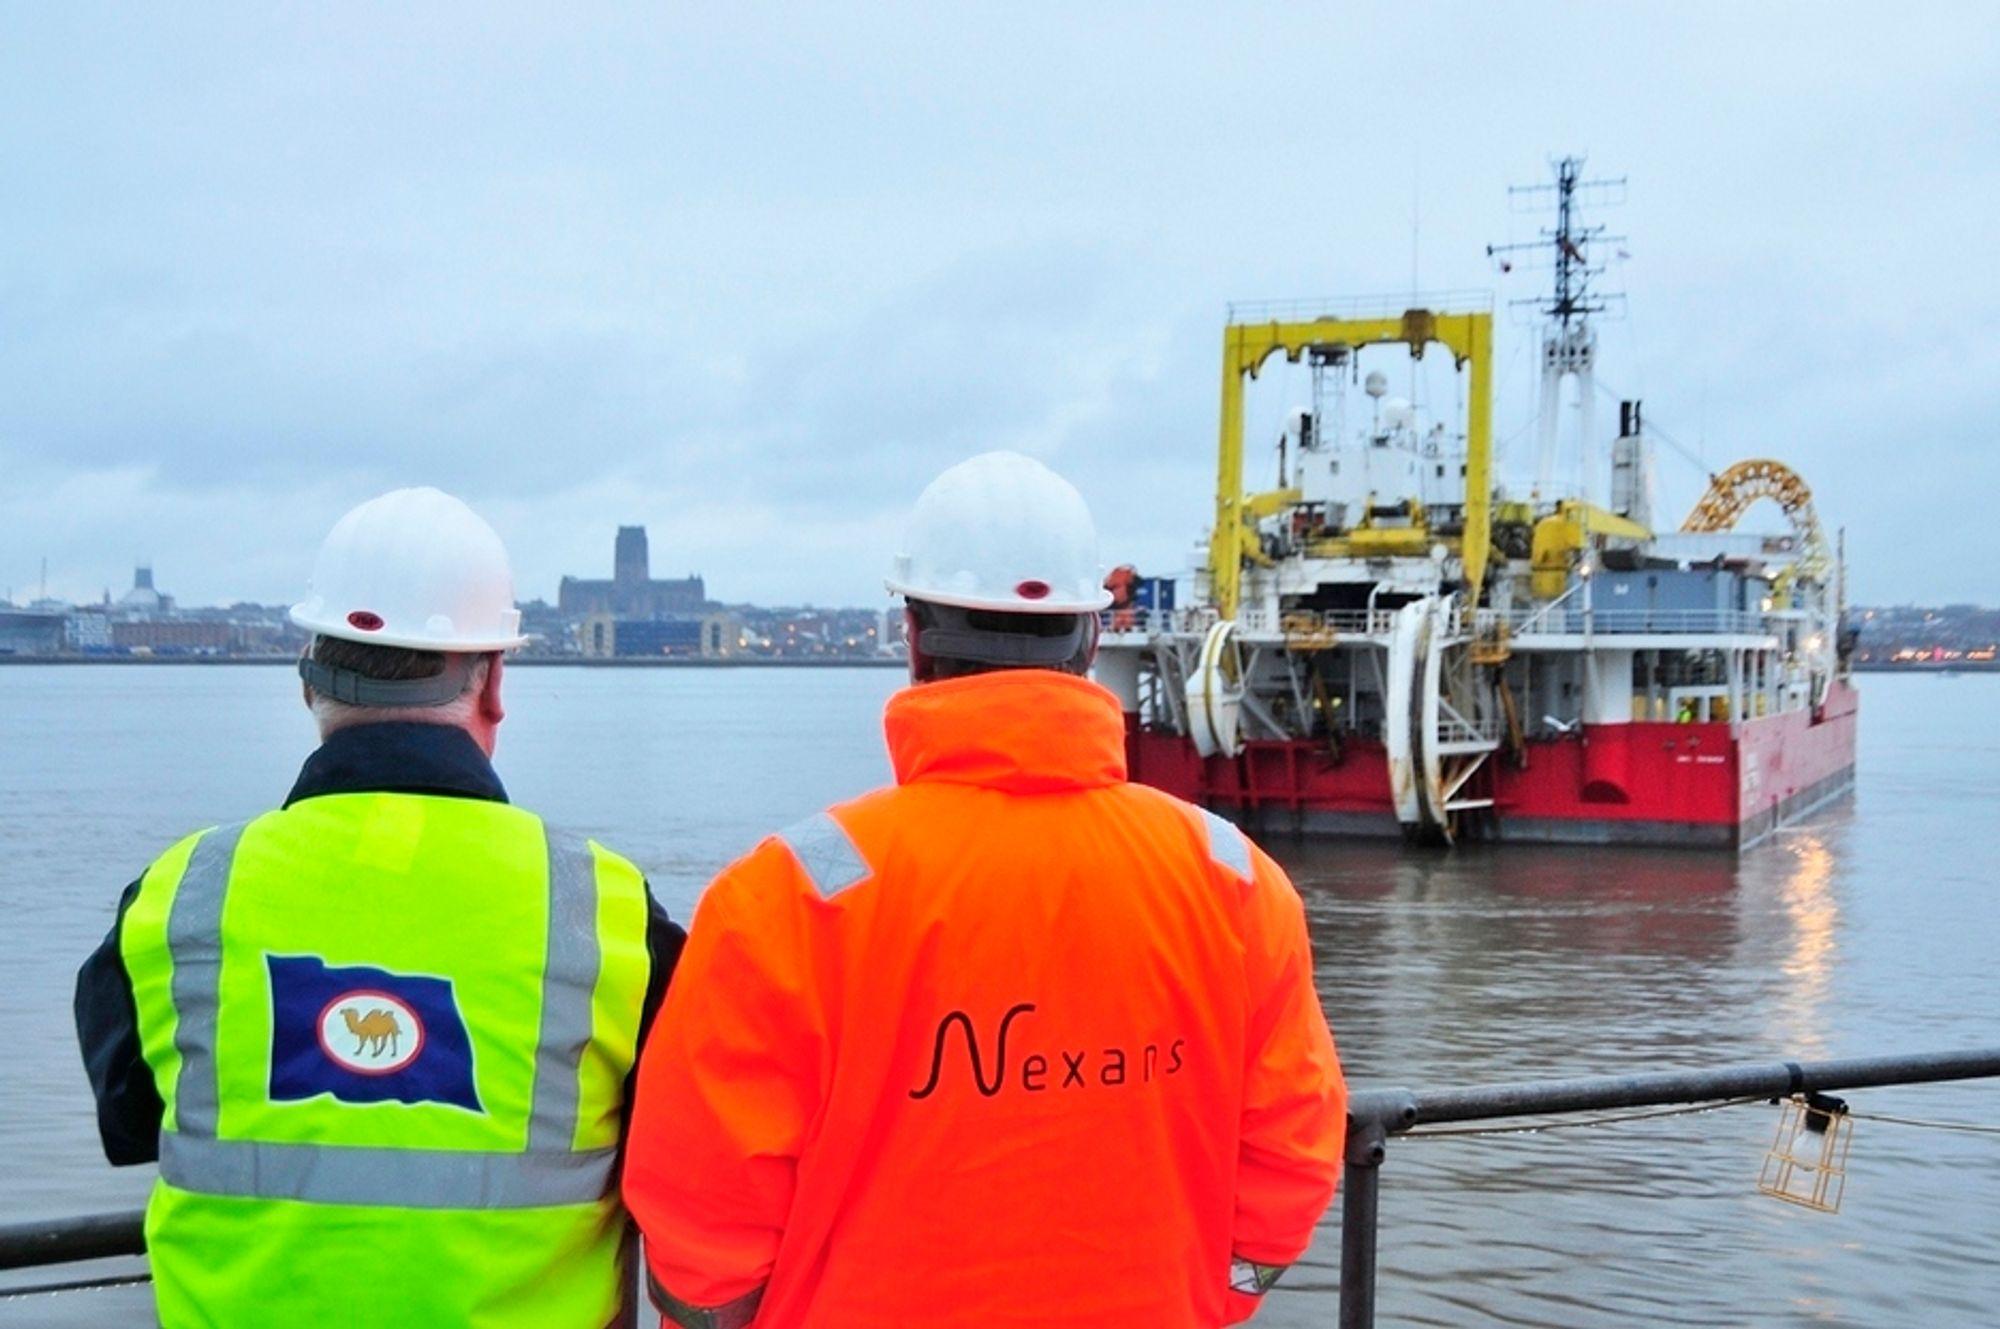 INSTALLERER: Nexans Skagerrak skal installere sjøkabelen når den blir ferdig produsert i Halden.